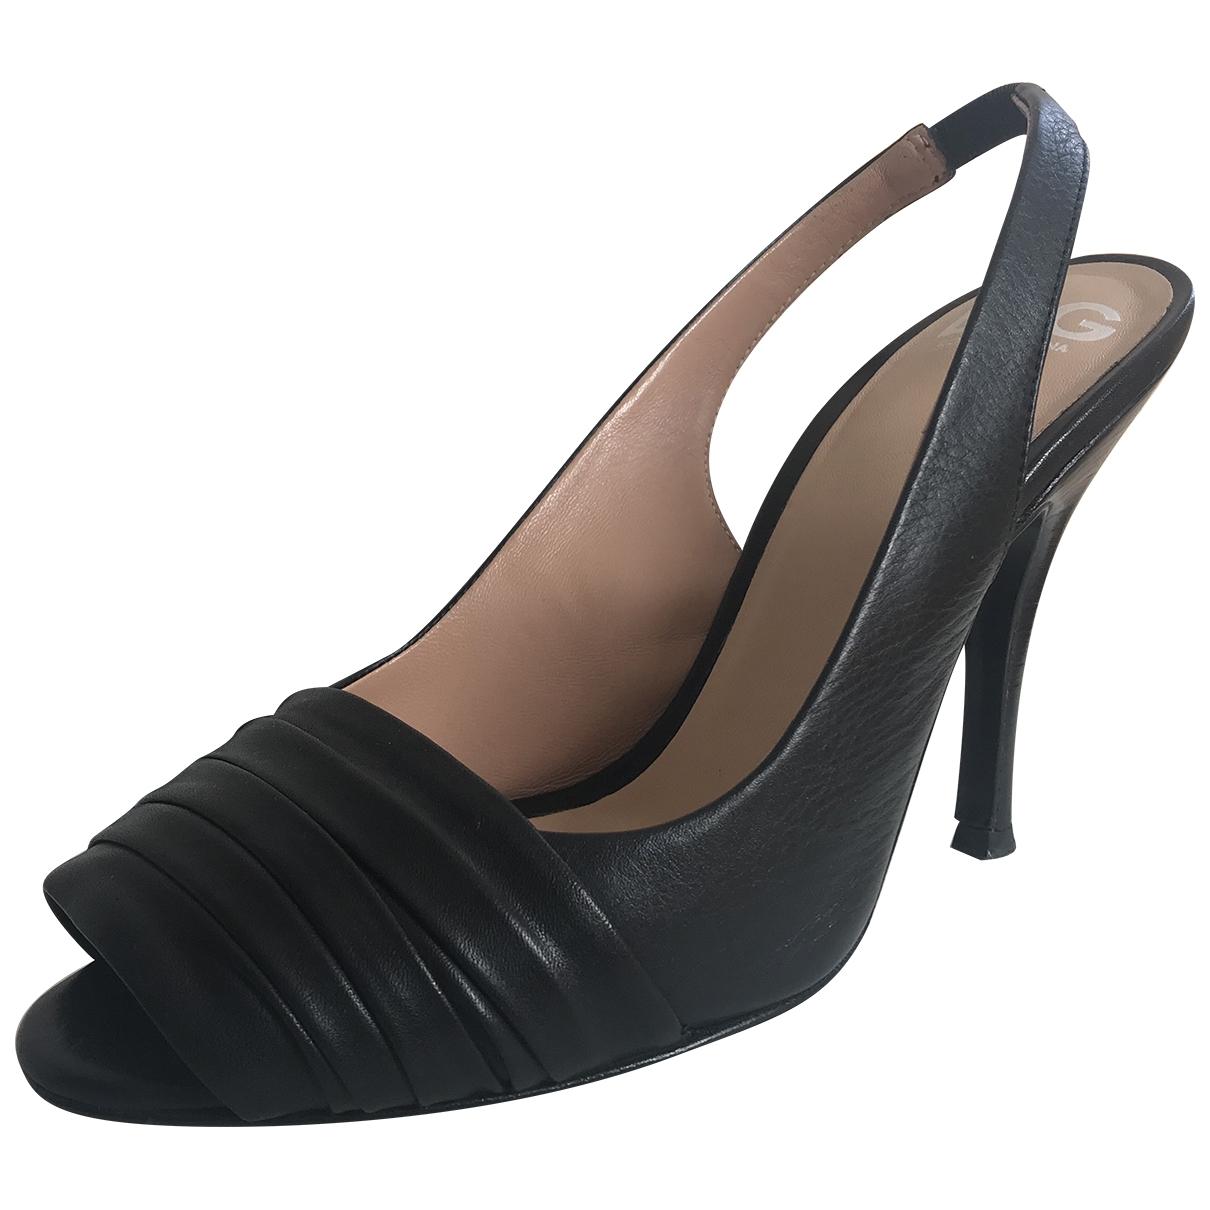 D&g - Escarpins   pour femme en cuir - noir